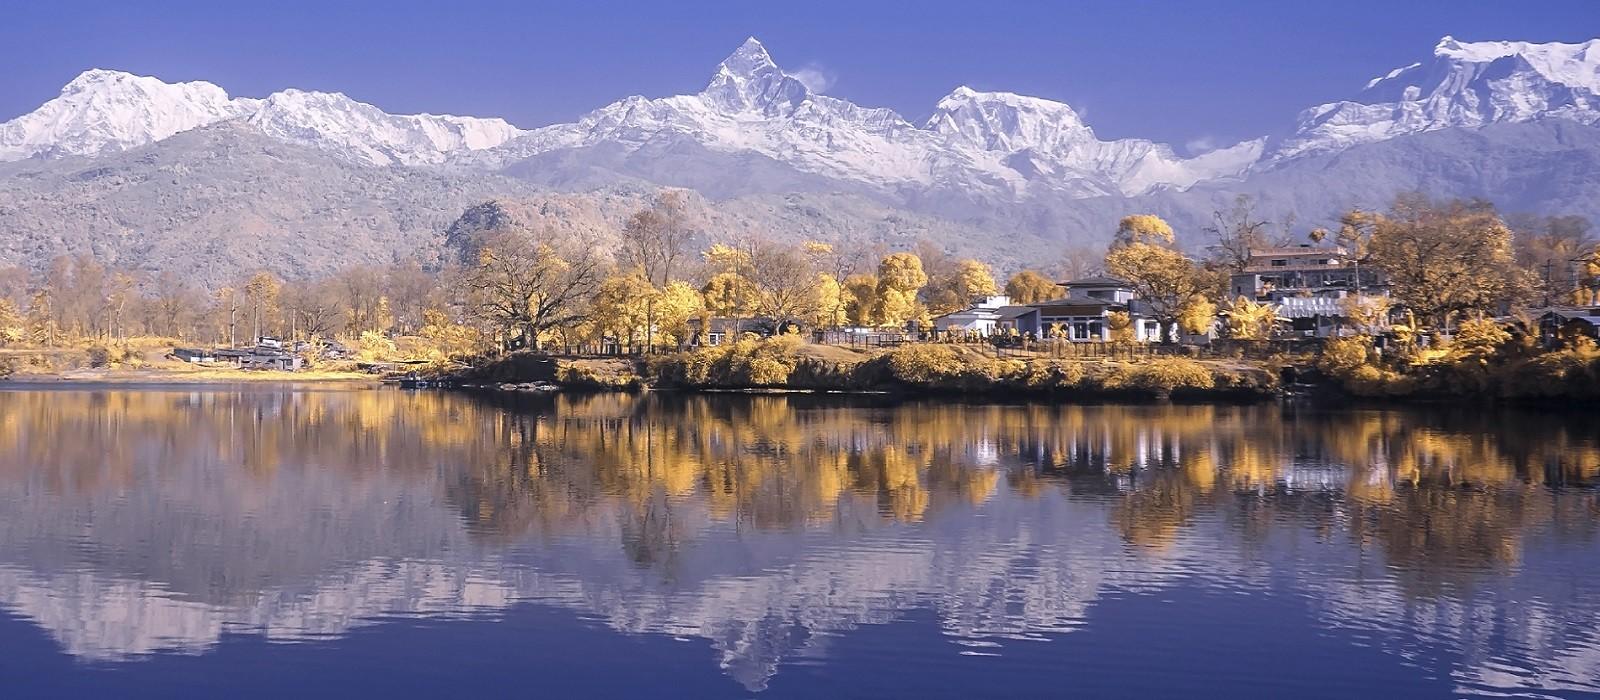 Pokhara.jpg